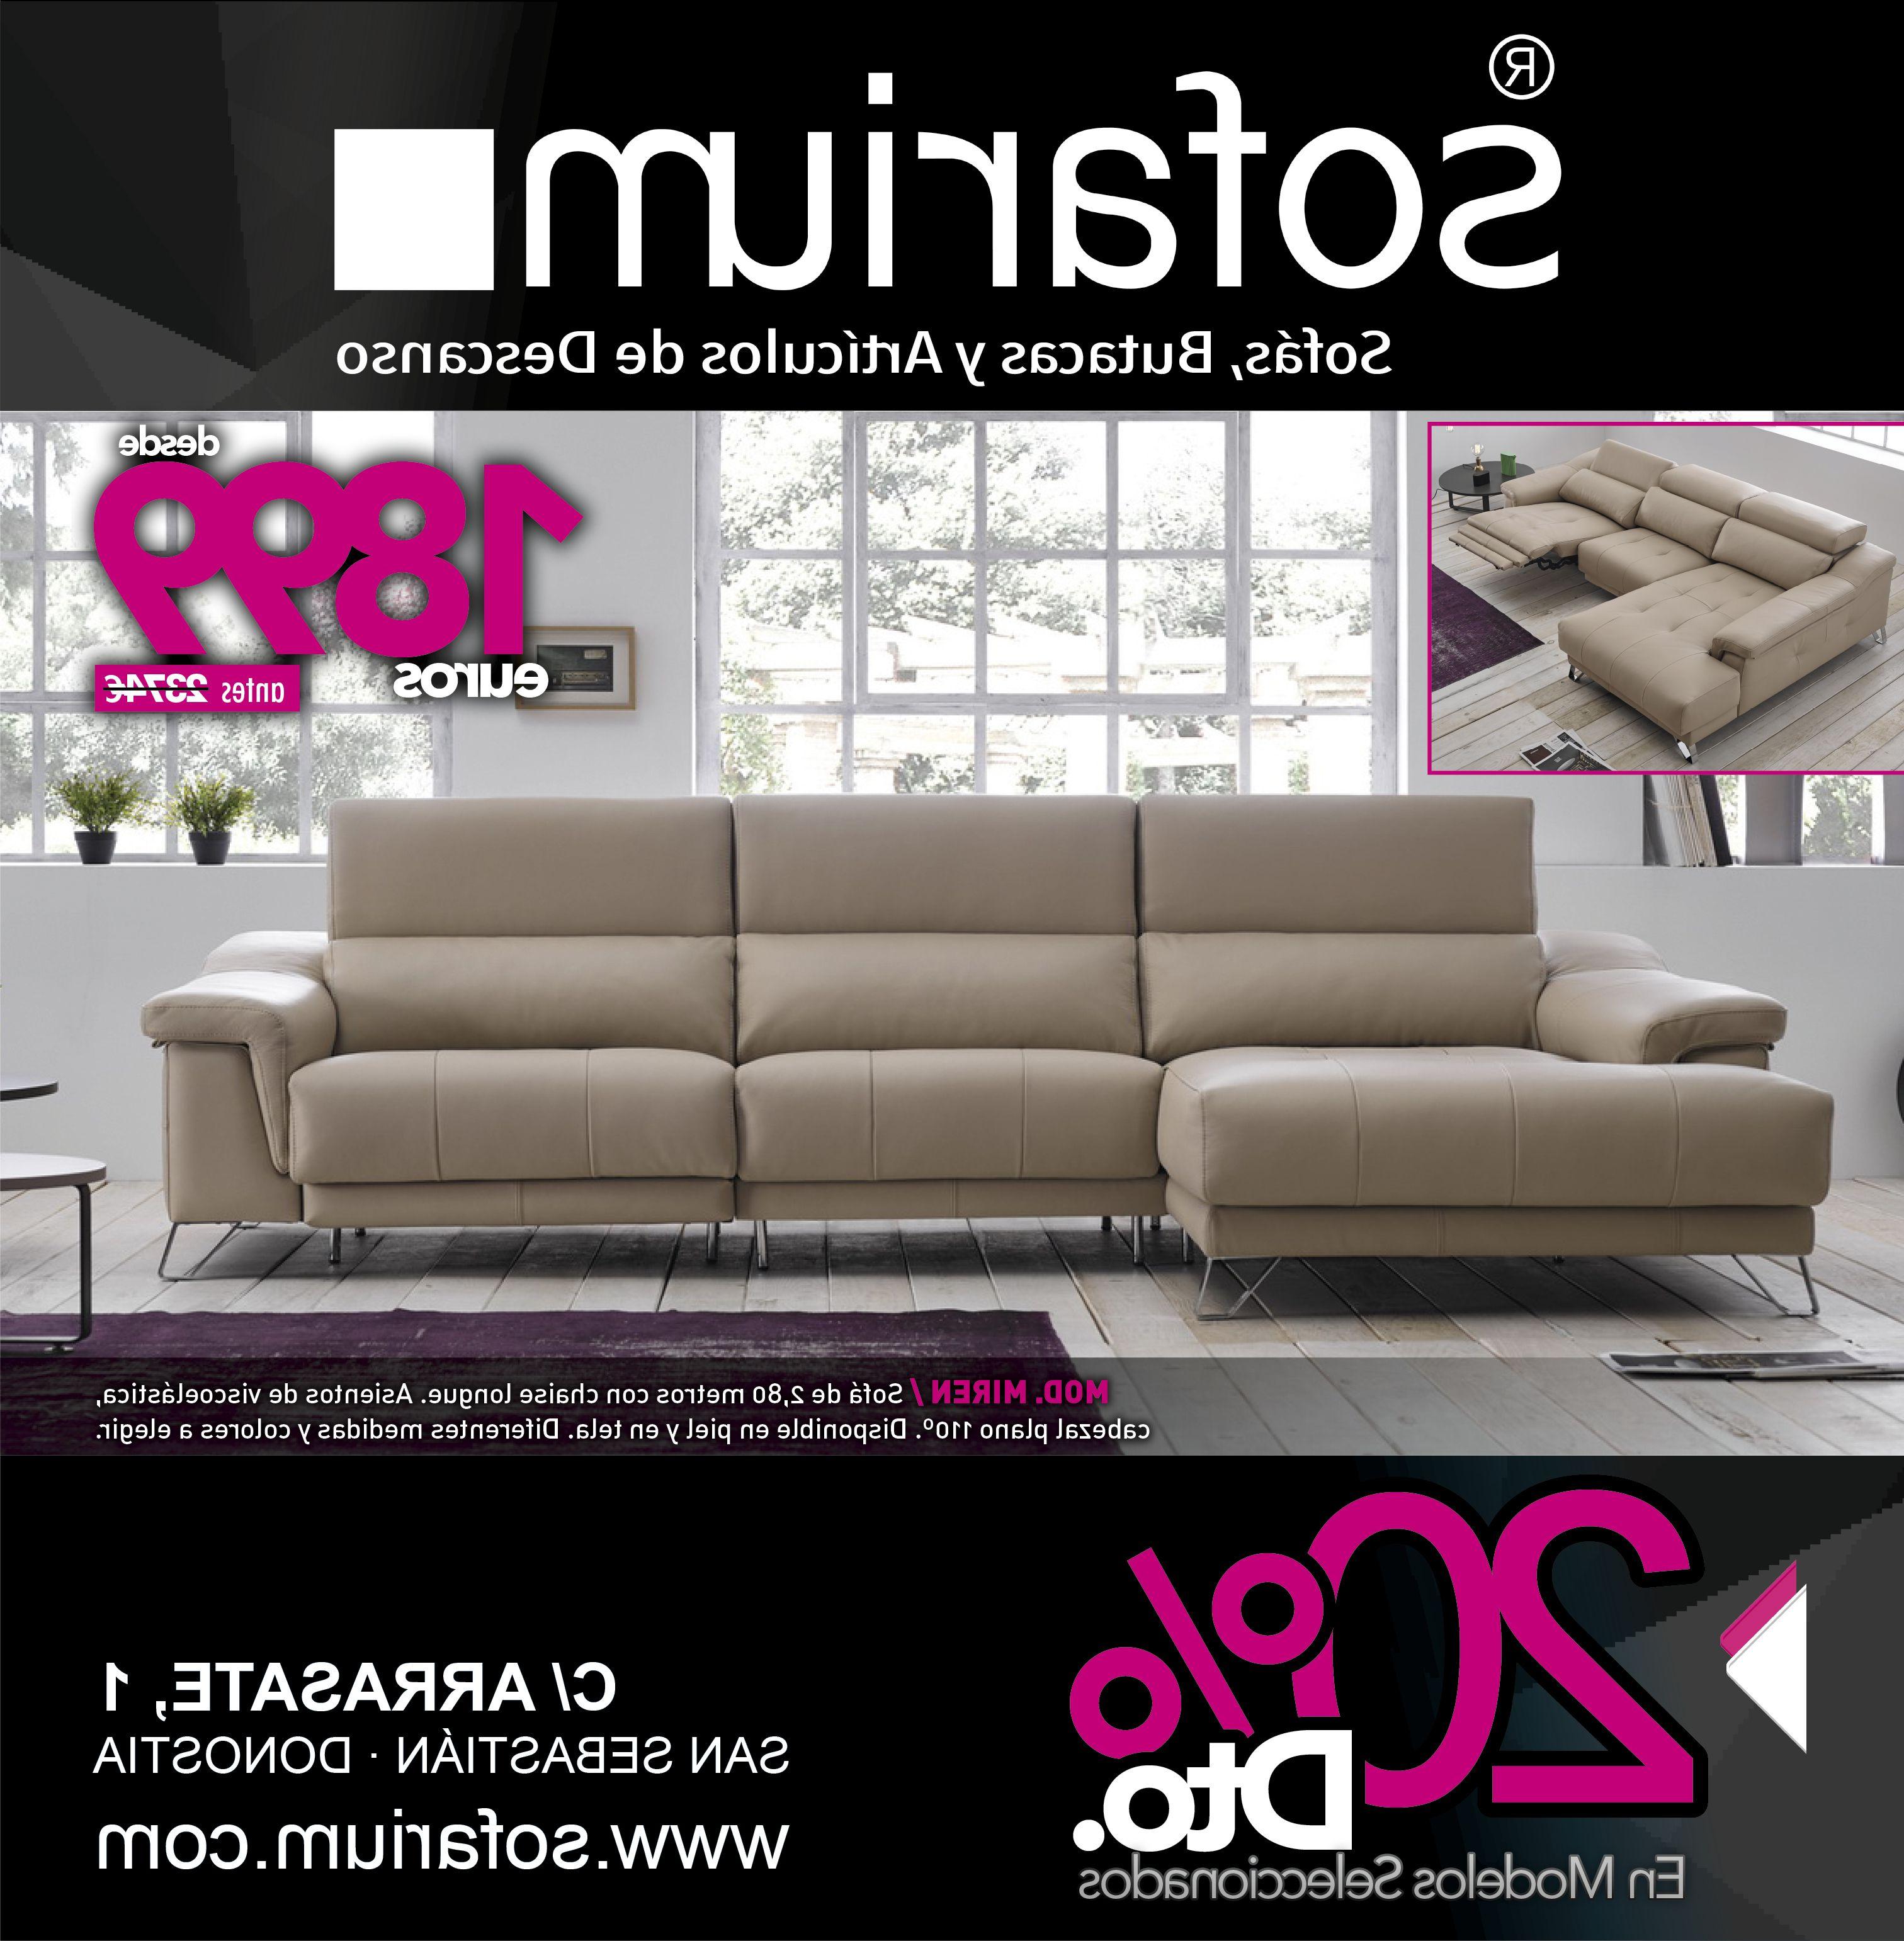 Sofas Donostia Q5df sofarium Miren sofas butacas Piel Tela 2 3 Plazas Colchones